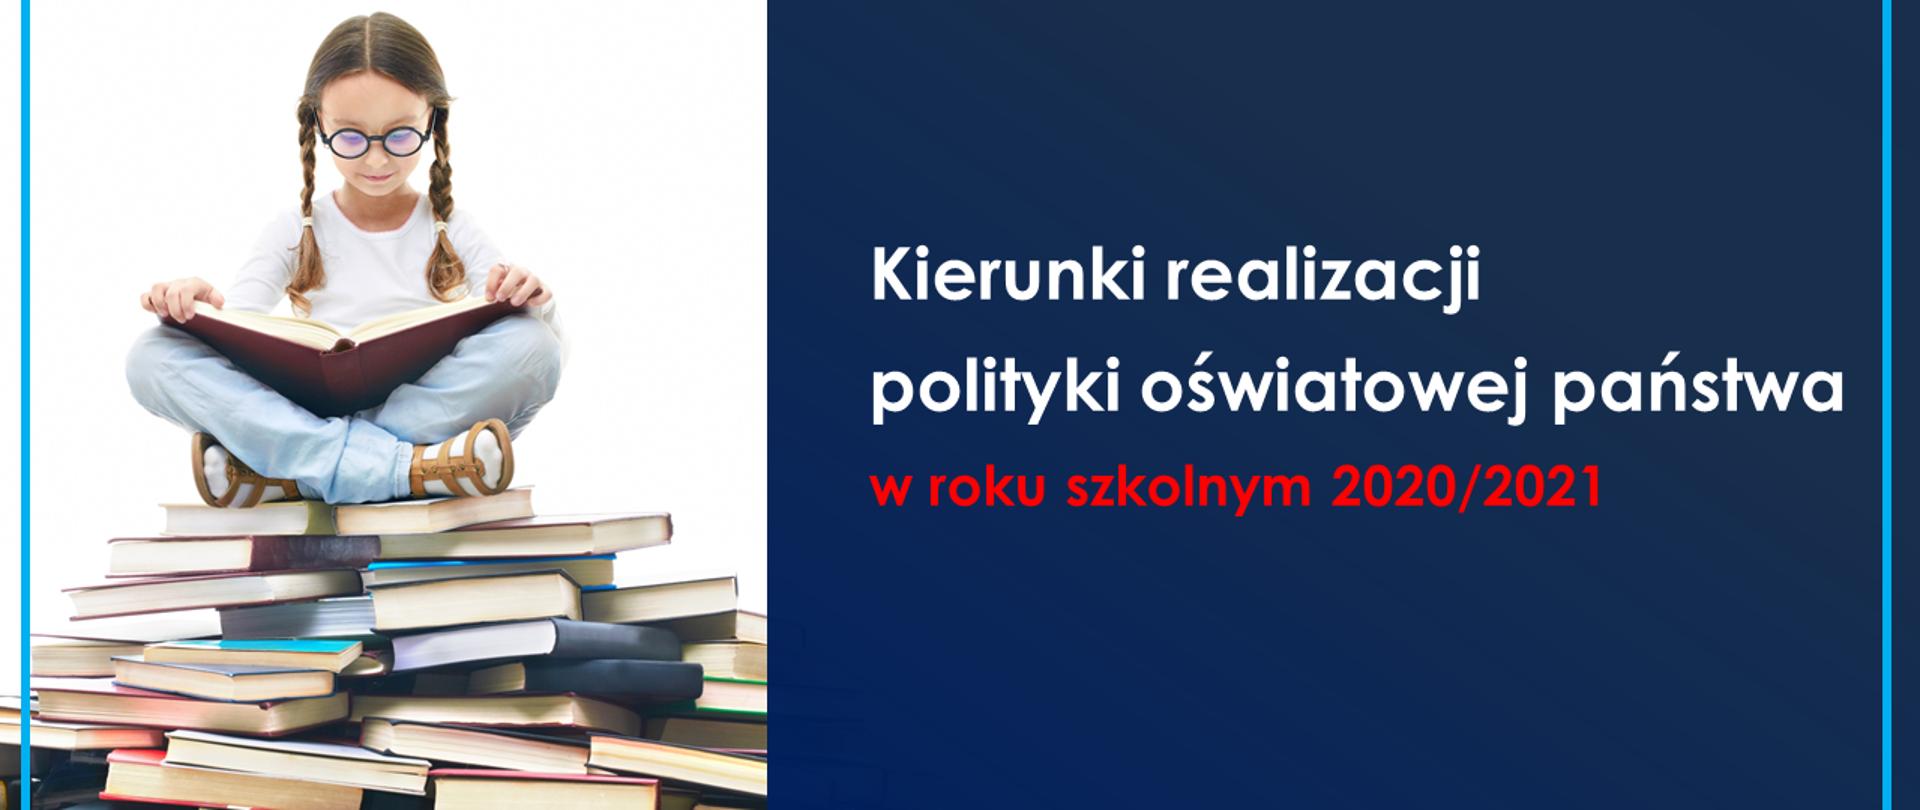 Podstawowe kierunki realizacji polityki oświatowej państwa w roku szkolnym 2020/2021